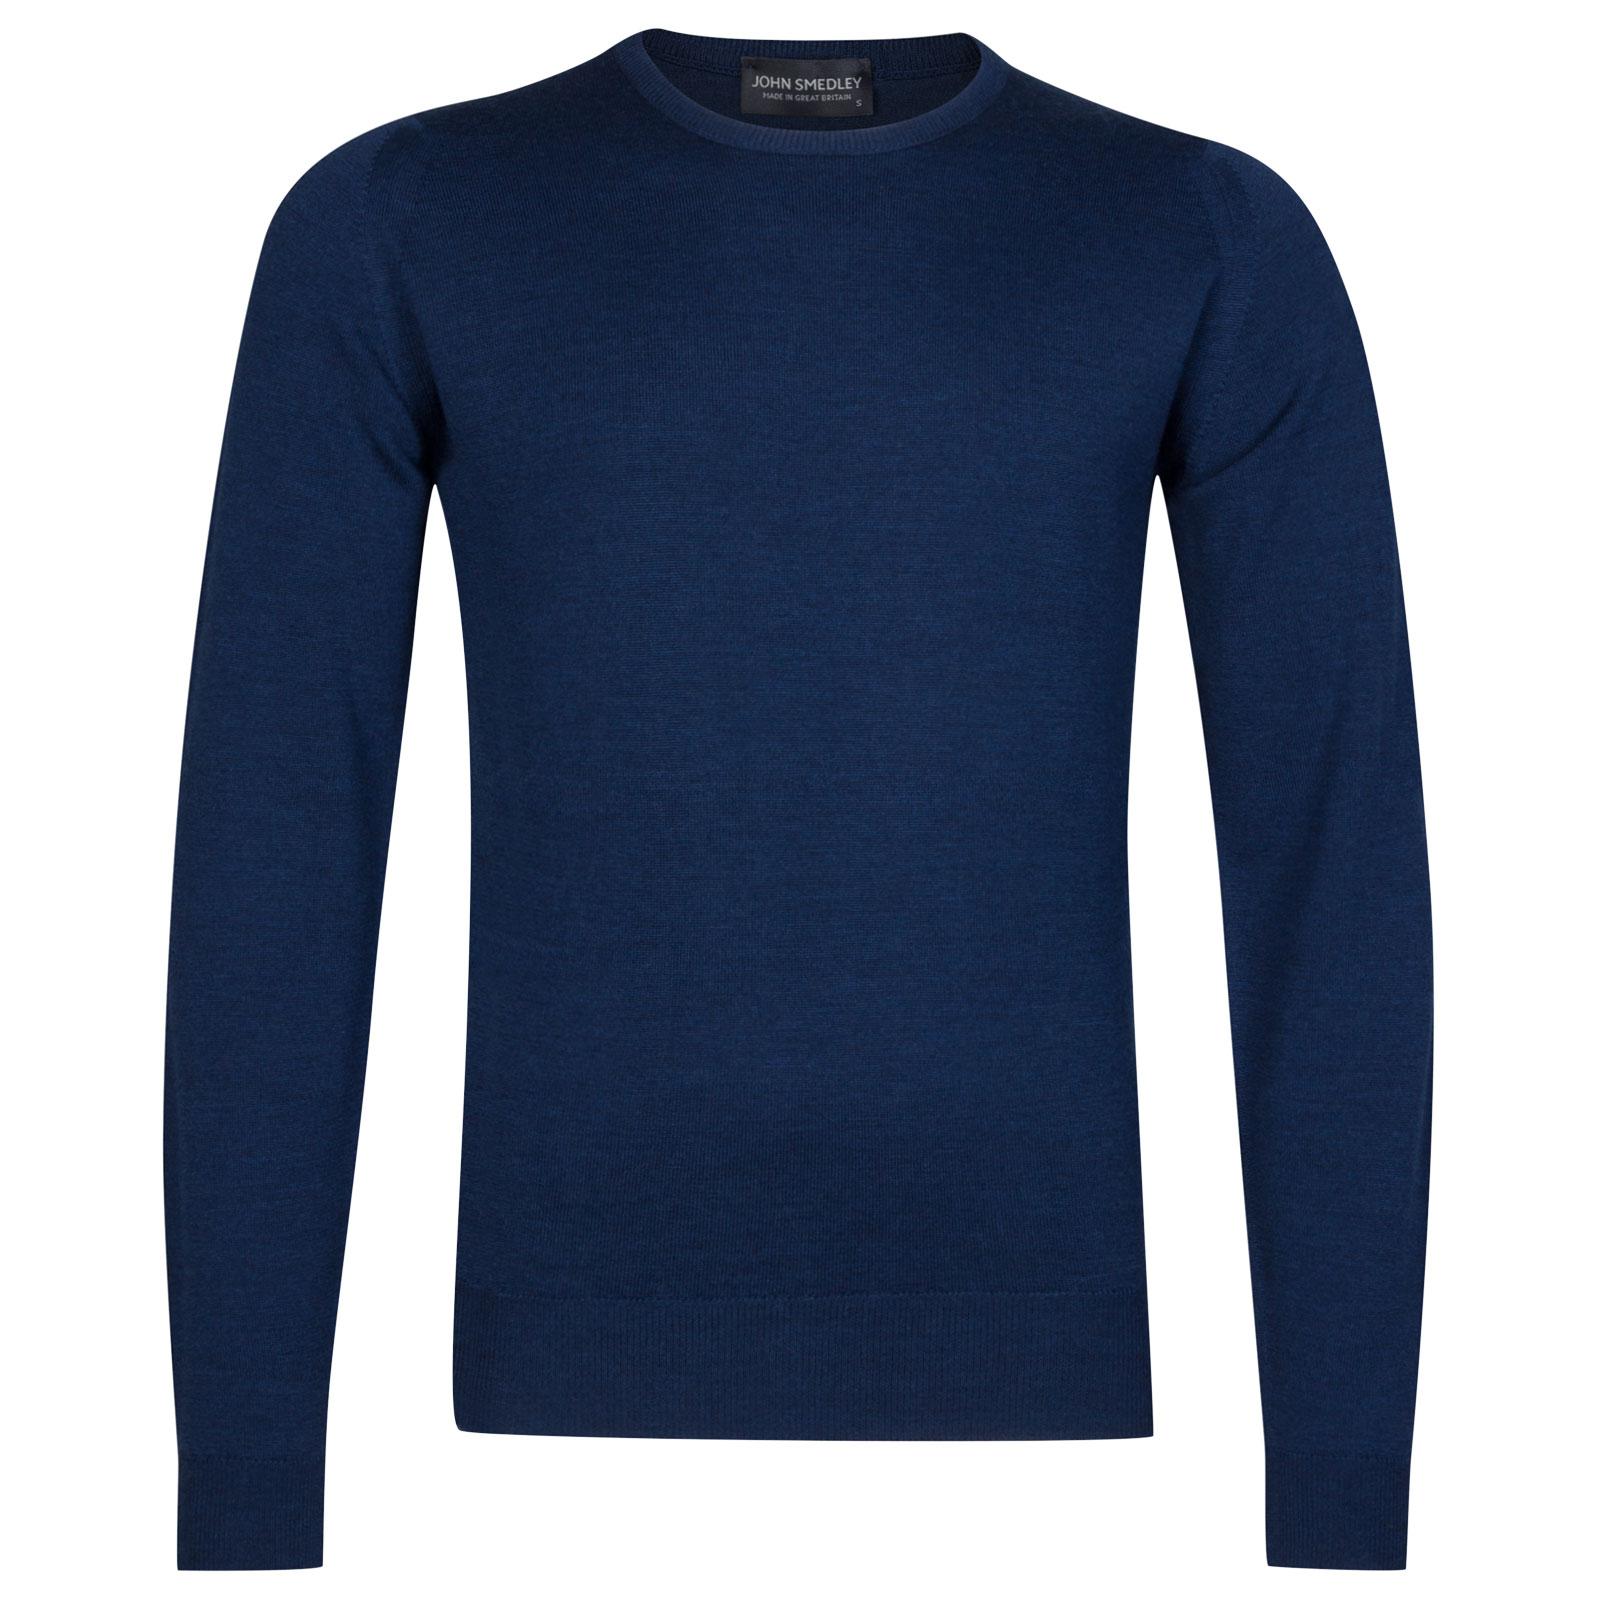 John Smedley farhill Merino Wool Pullover in Indigo-L